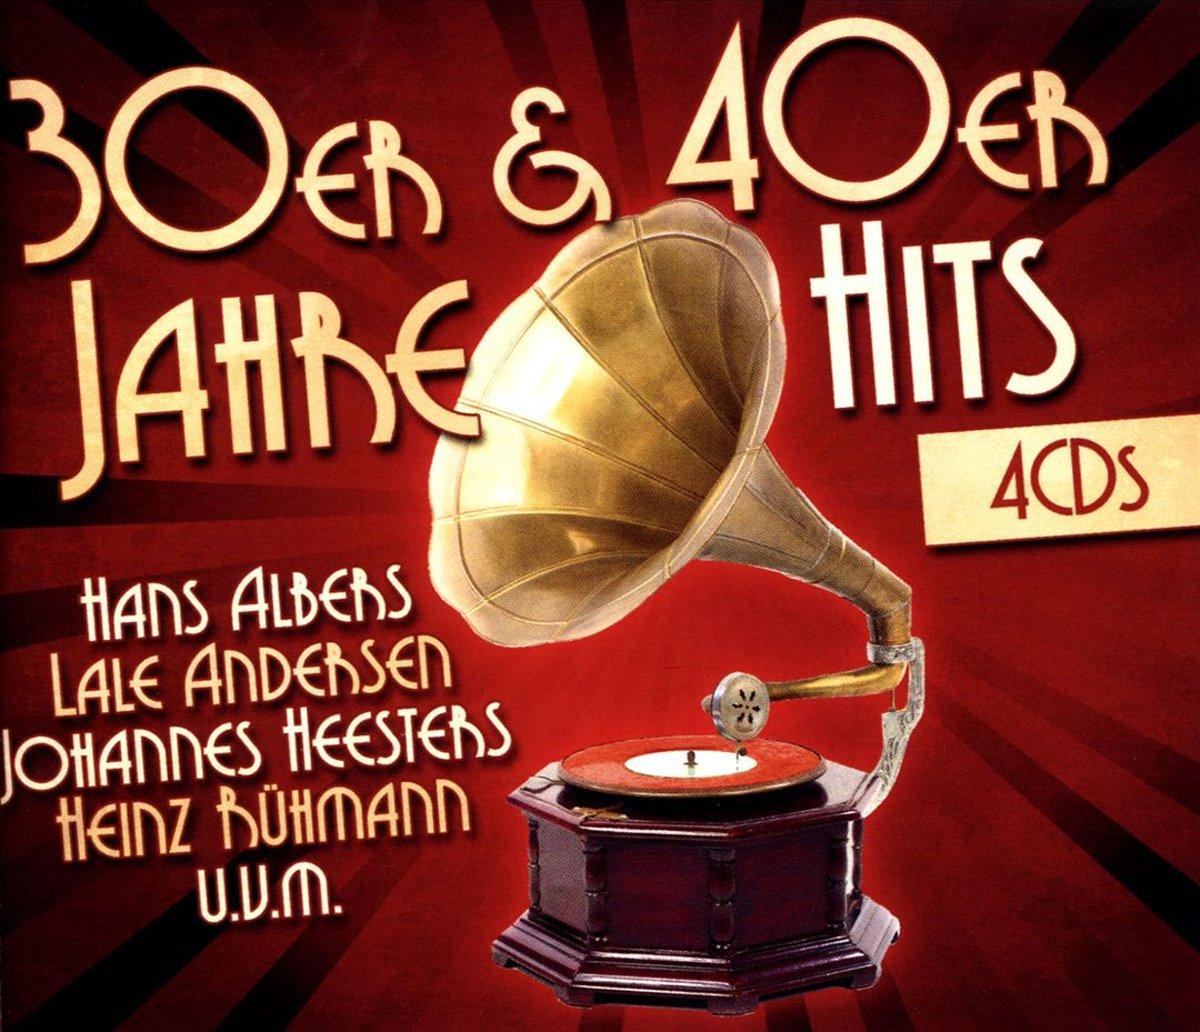 Хэльге Альберс,Laura Andersen,Джоаннес Хистерс,Хайнц Руман H. Albers, L. Andersen, J. Heesters, H. Ruhmann. 30er & 40er Jahre Hits (4 CD)